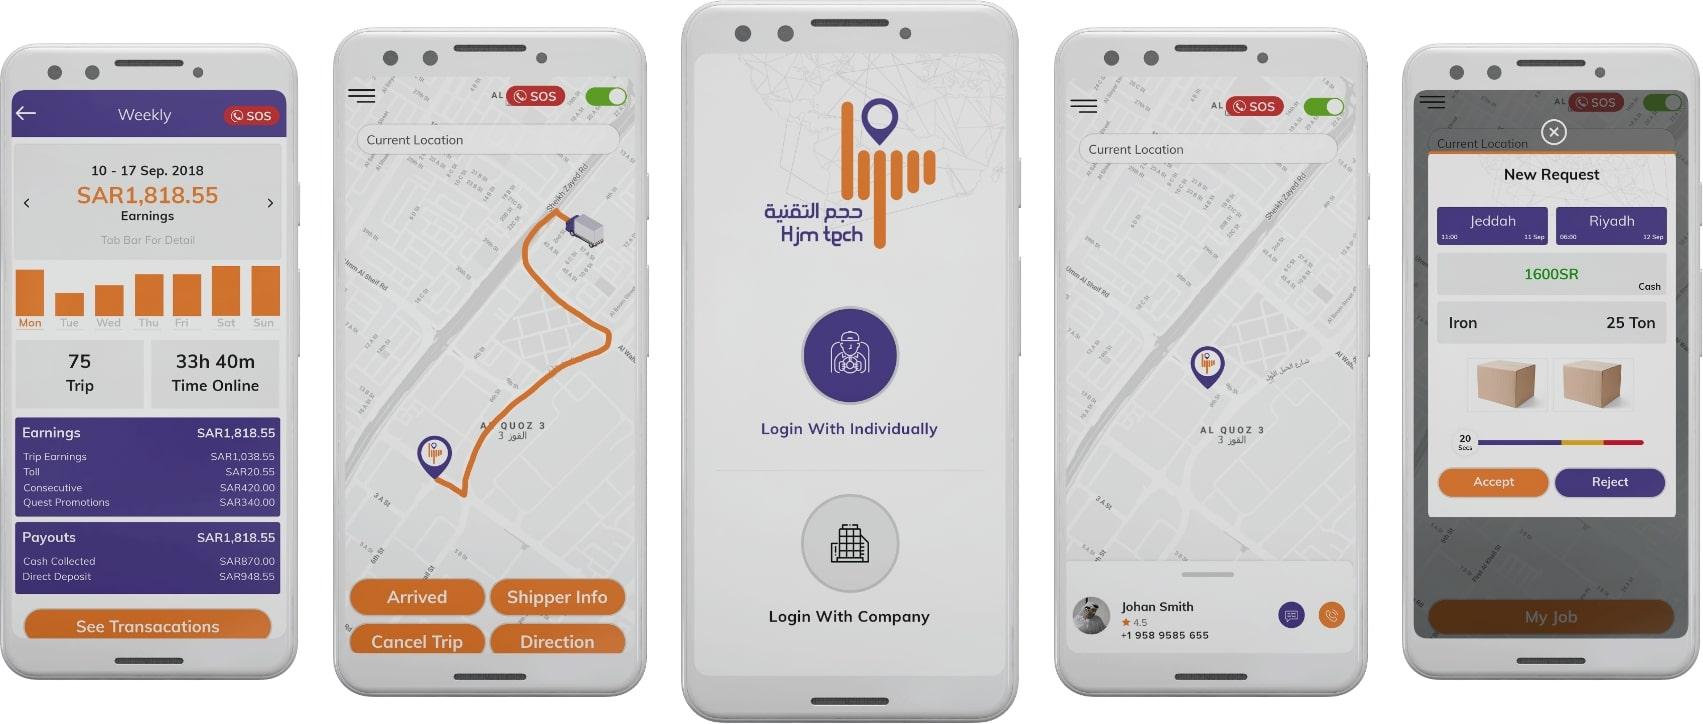 app screenshots for transportation